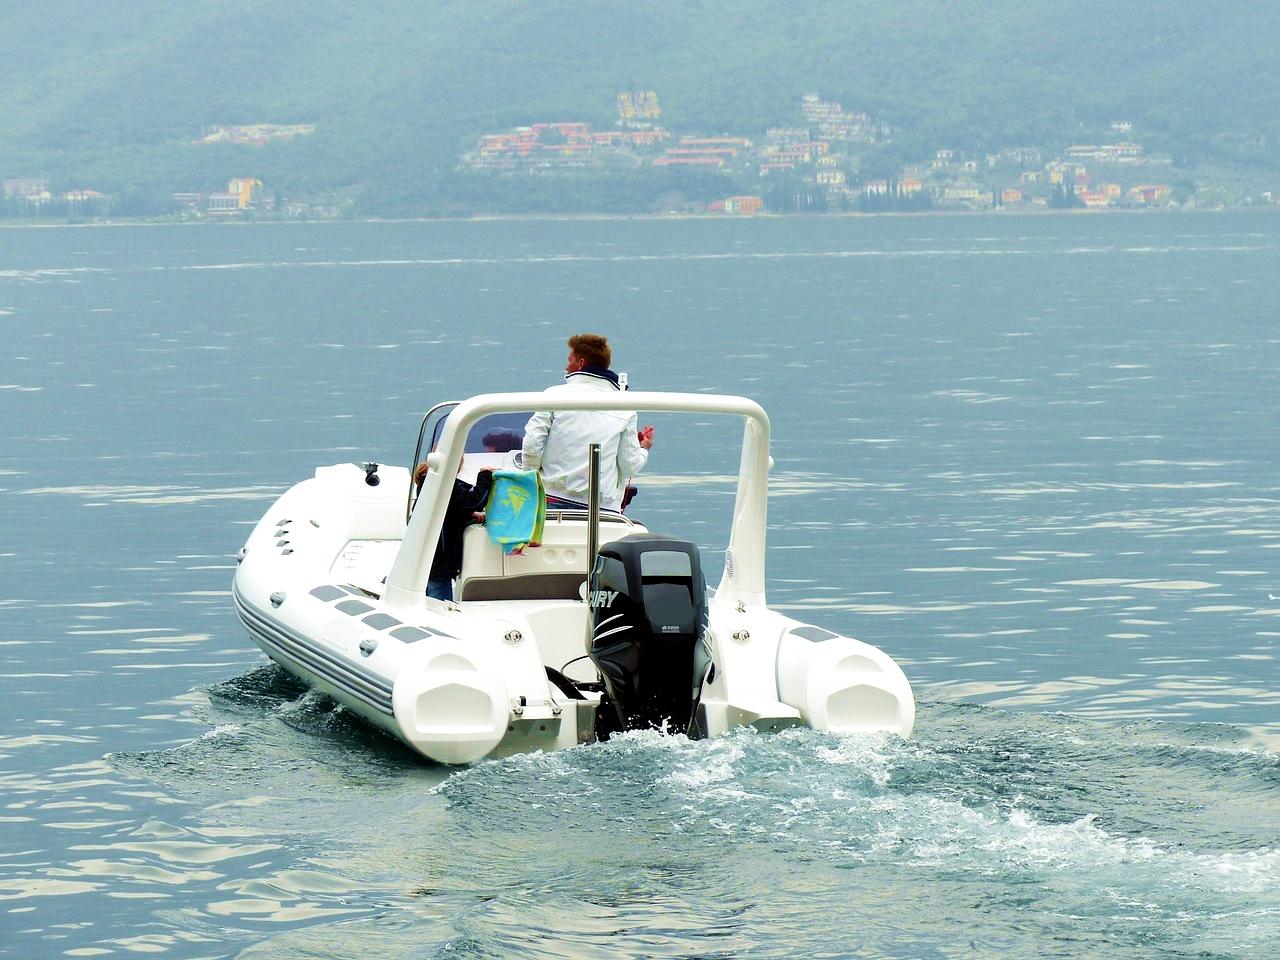 wir verkaufen dein boot motorboot verkaufen motoryacht verkaufen